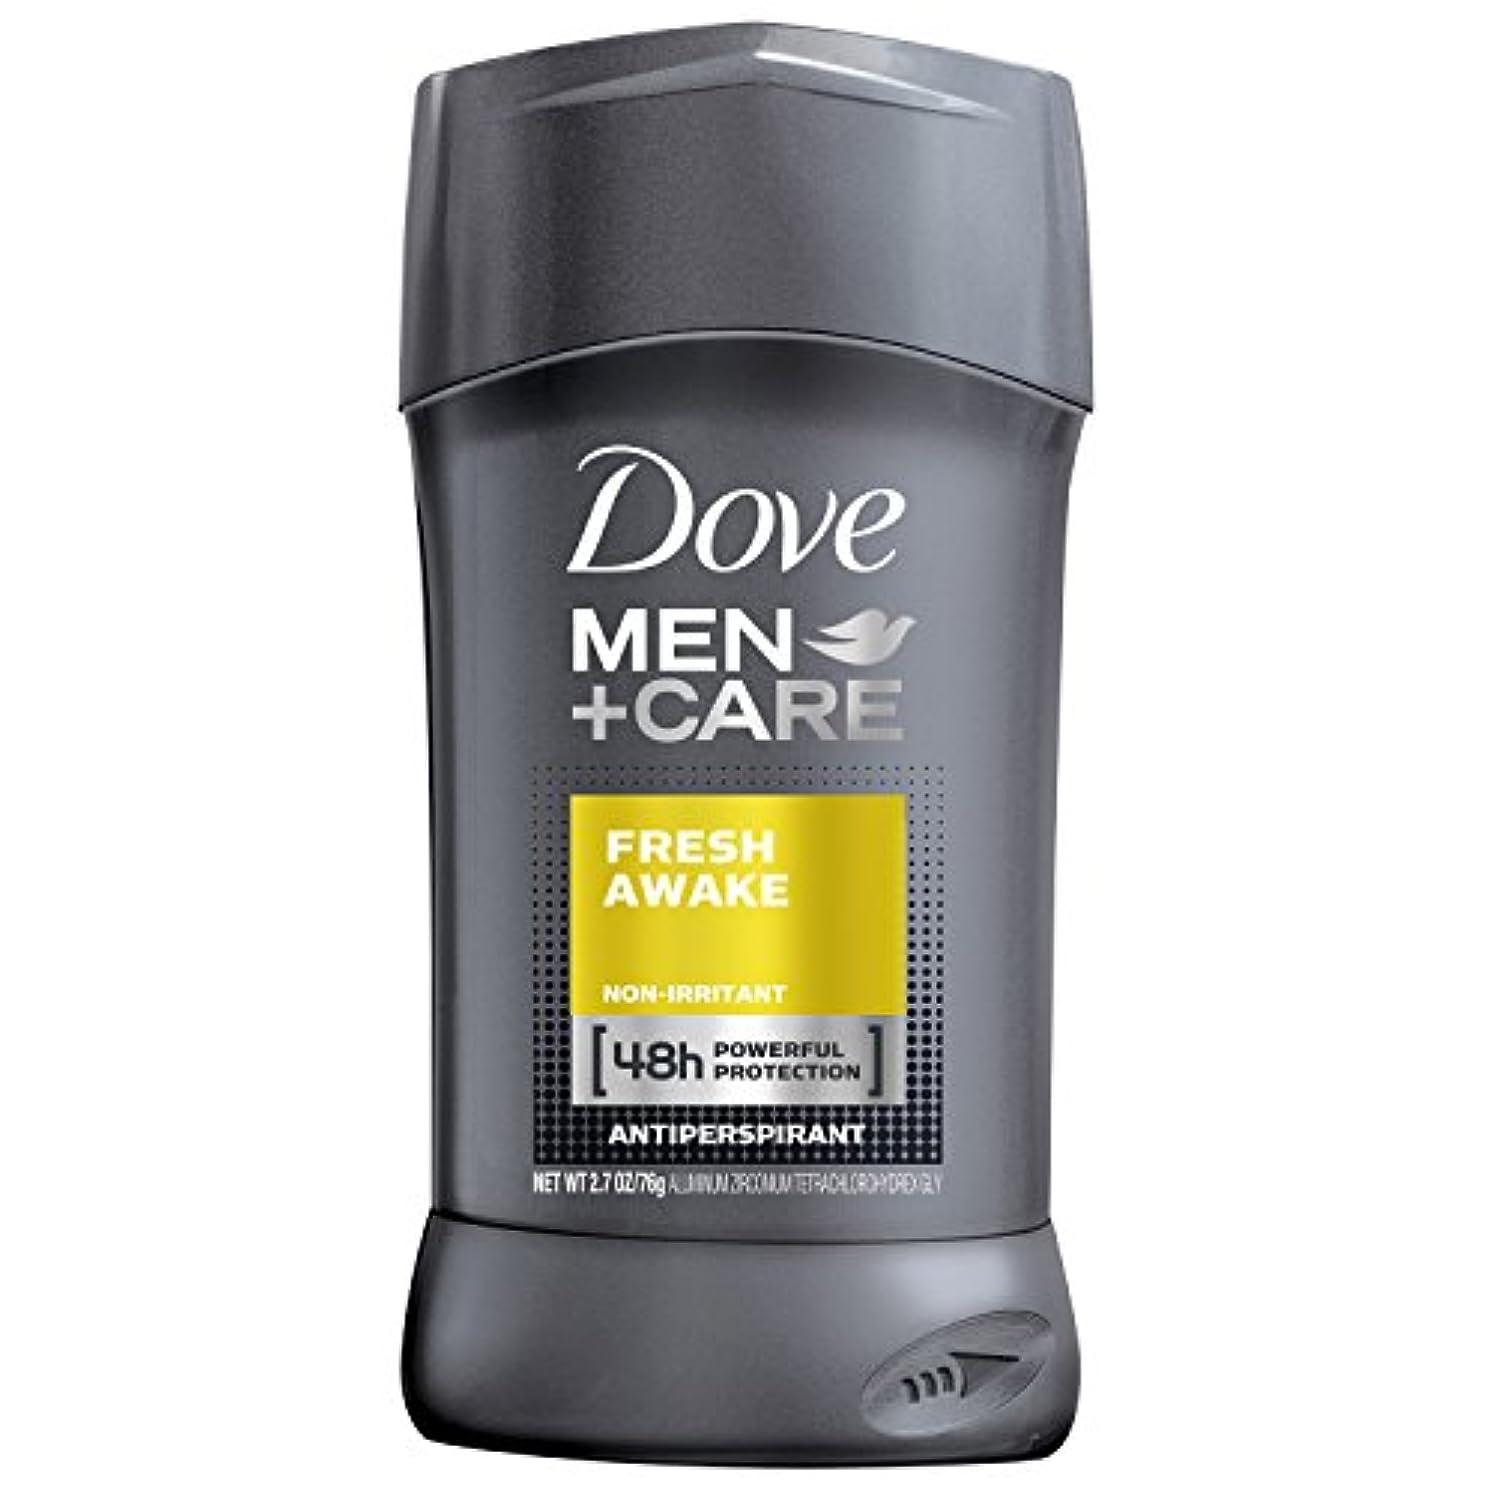 ナチュラル使い込む透明にDove Men + ダヴメン+ ケア デオドラントフレッシュアウェイク 70g 並行輸入品